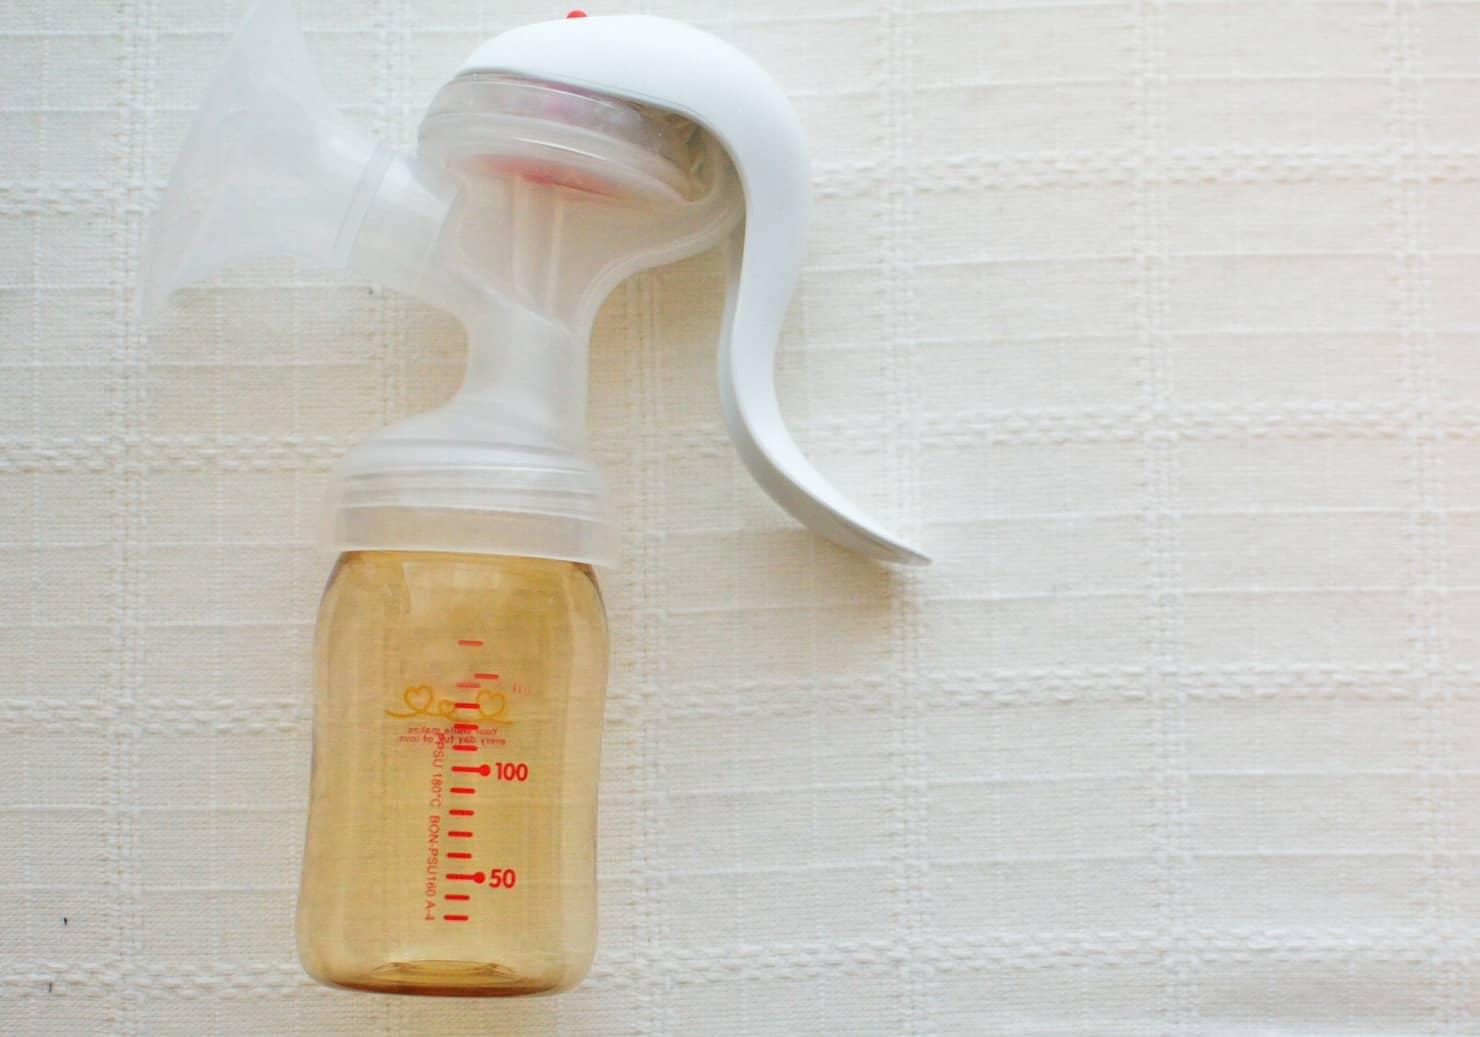 母乳の搾乳方法は? 冷蔵、冷凍での保存期間は? 搾乳器のおすすめは? 手動、電動?